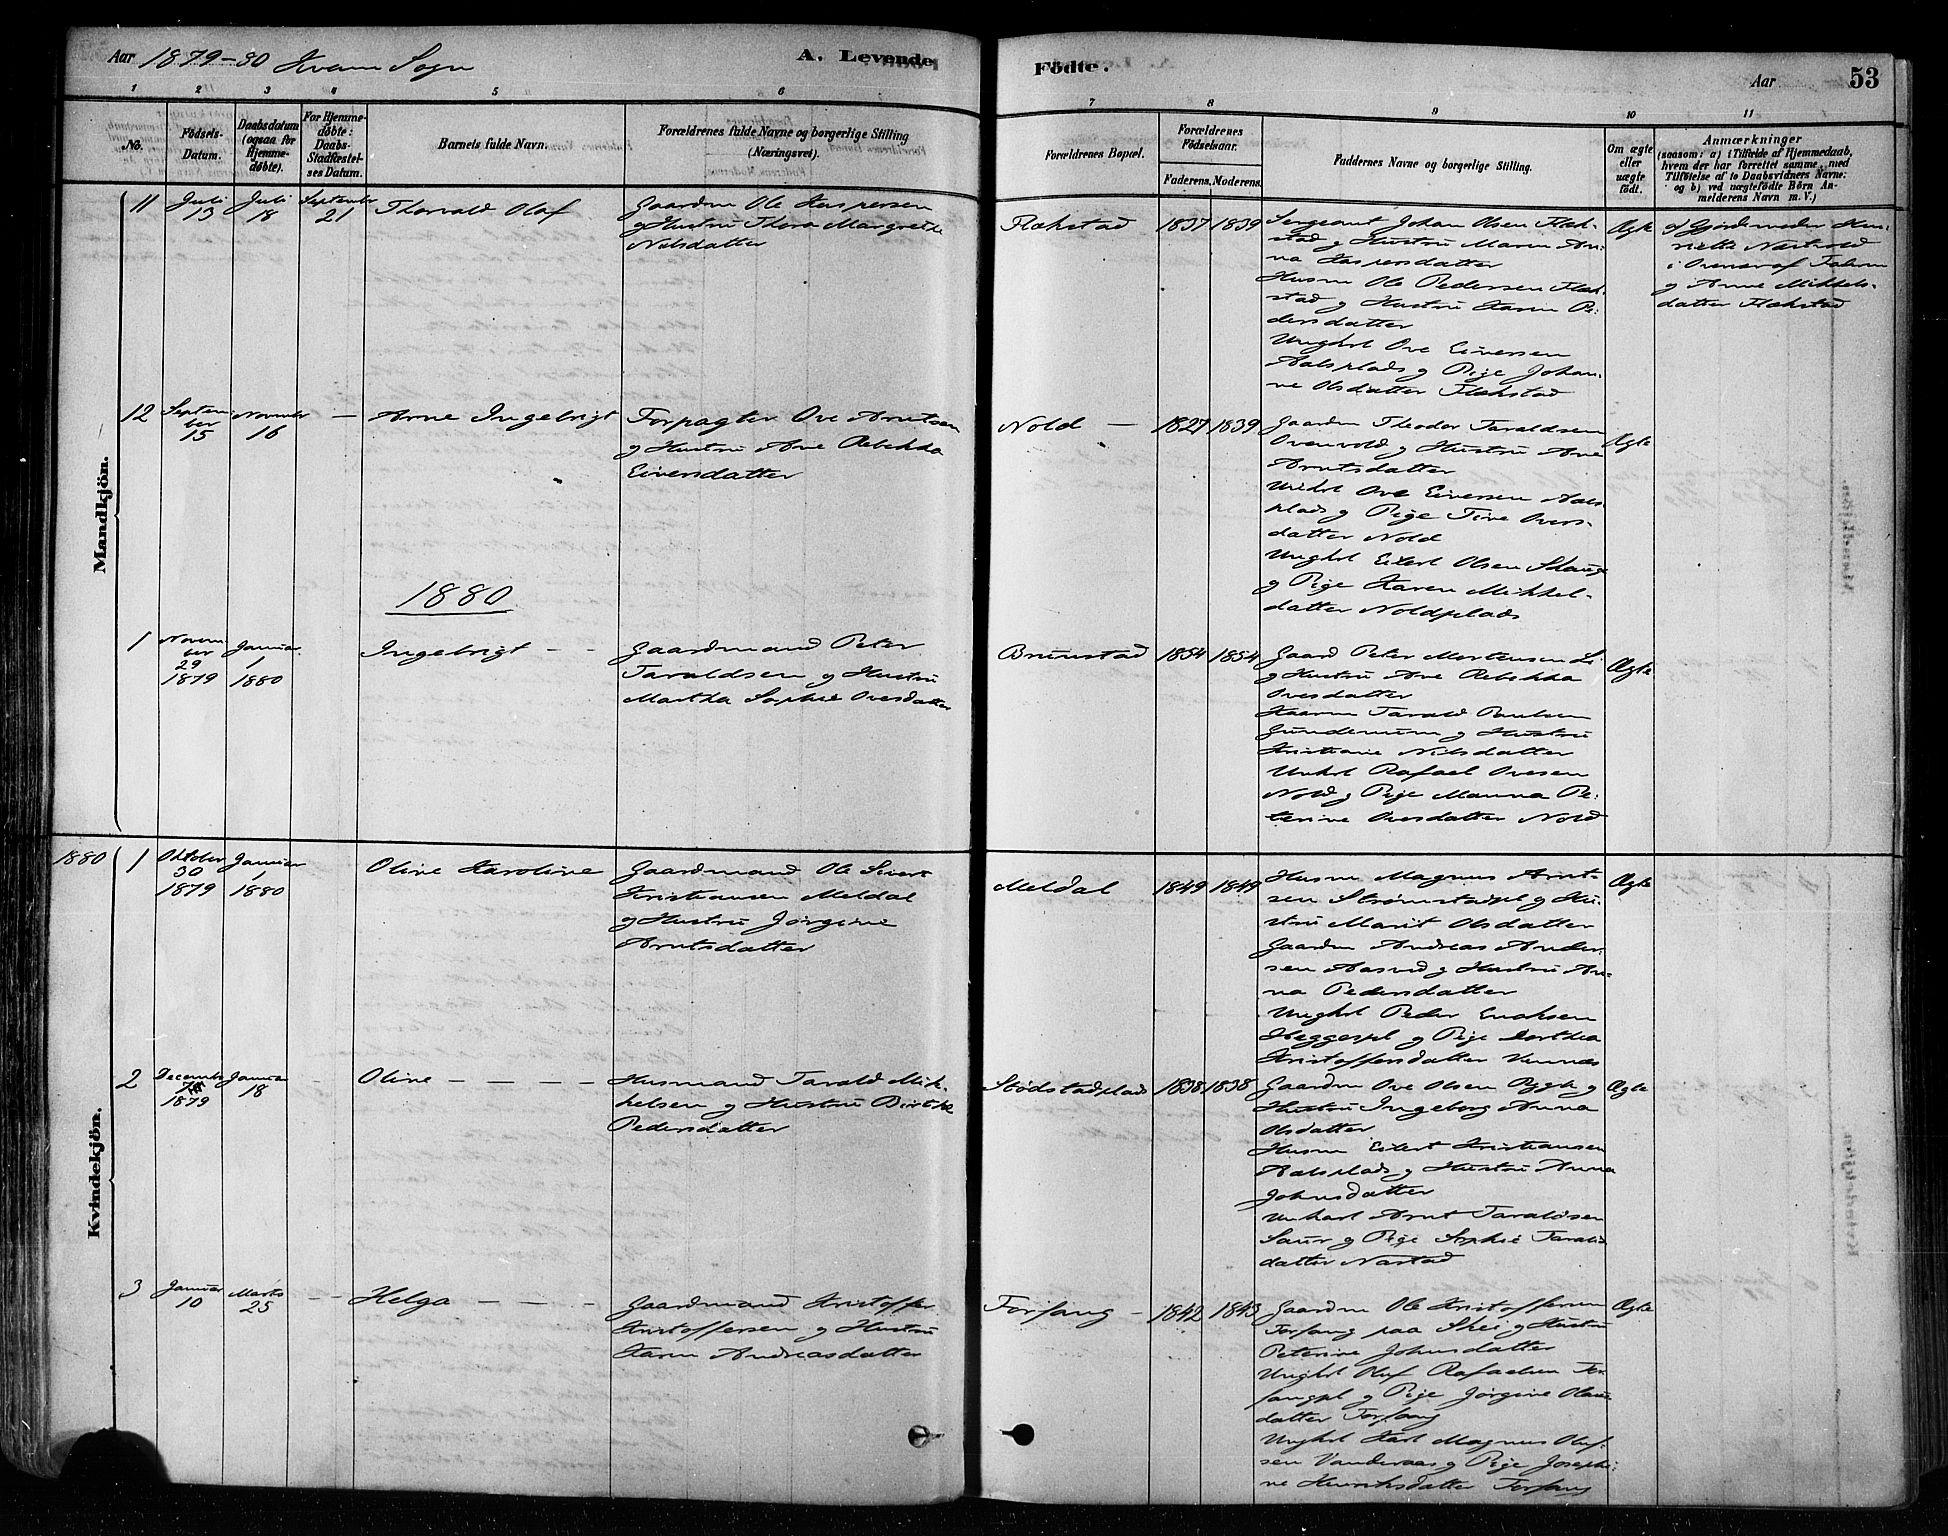 SAT, Ministerialprotokoller, klokkerbøker og fødselsregistre - Nord-Trøndelag, 746/L0449: Ministerialbok nr. 746A07 /2, 1878-1899, s. 53